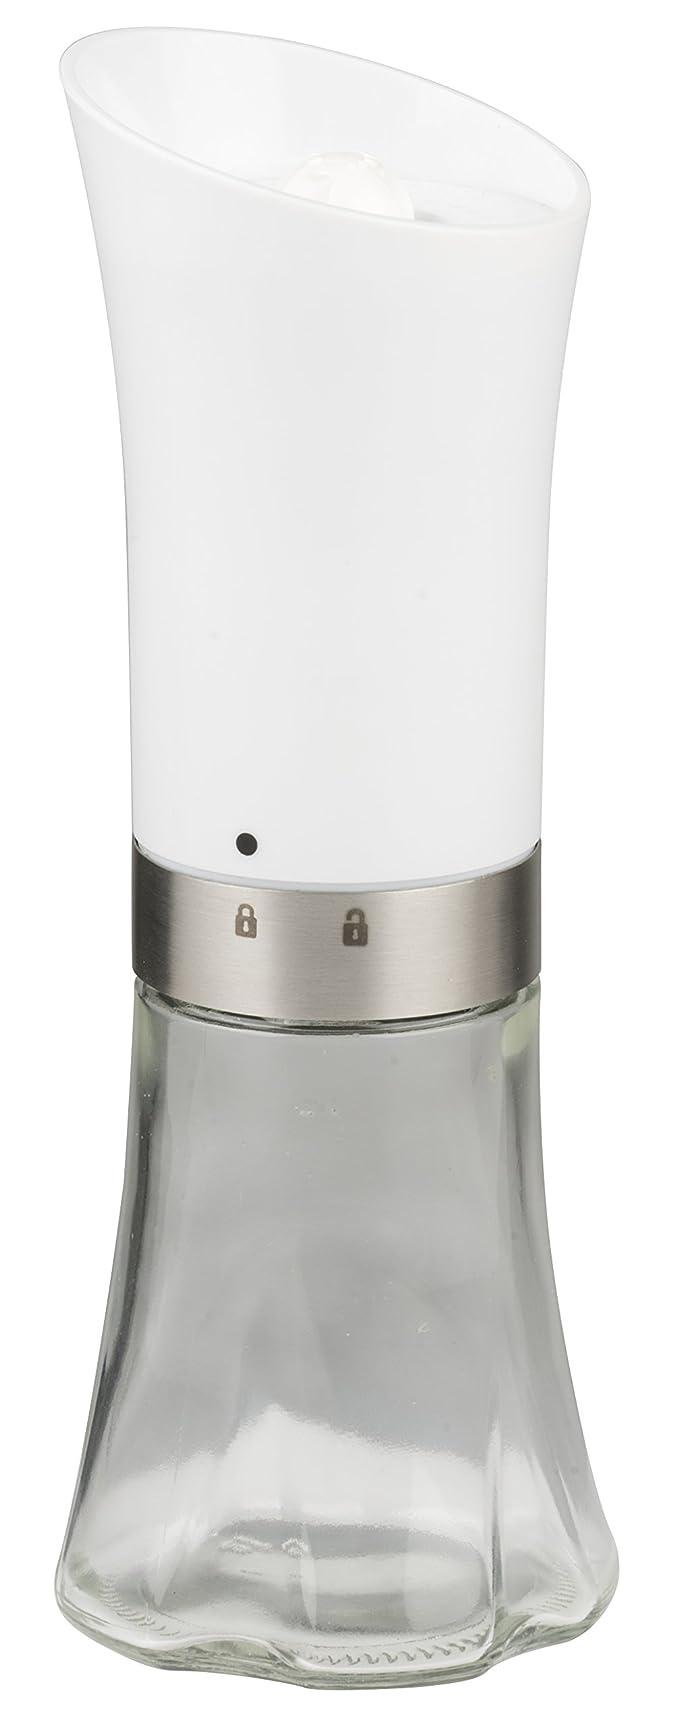 Alpina 871125293729 Moulinsà sel et poivre automatique en acier inoxydable Blanc 7,5x 7,5x 21cm